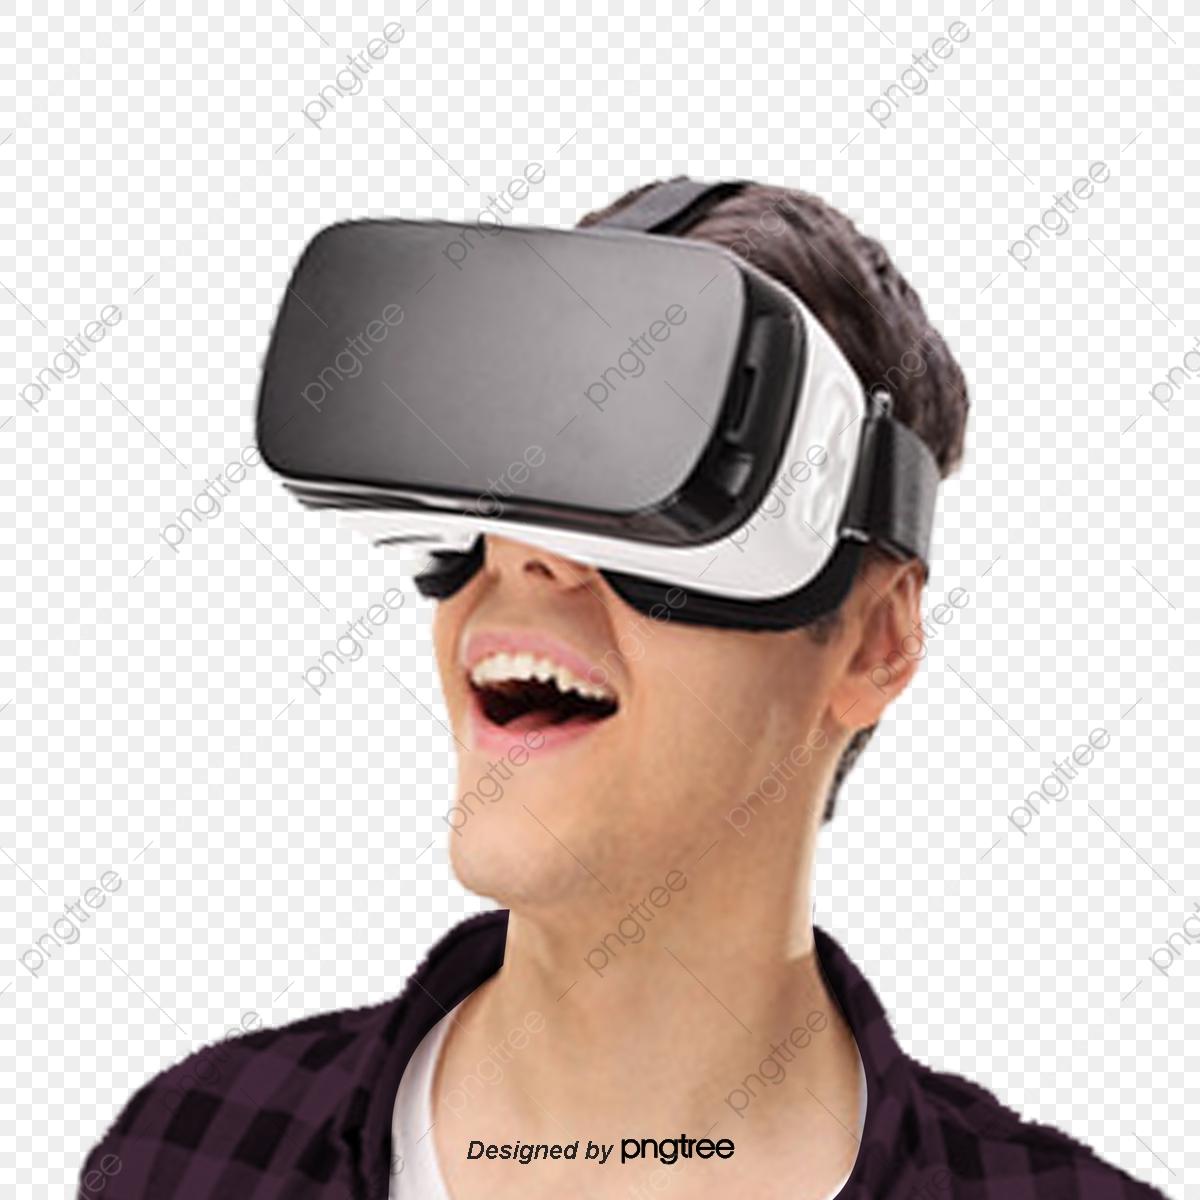 Virtual Reality Stimulates, Technology, Virtual Reality, Stimulate.